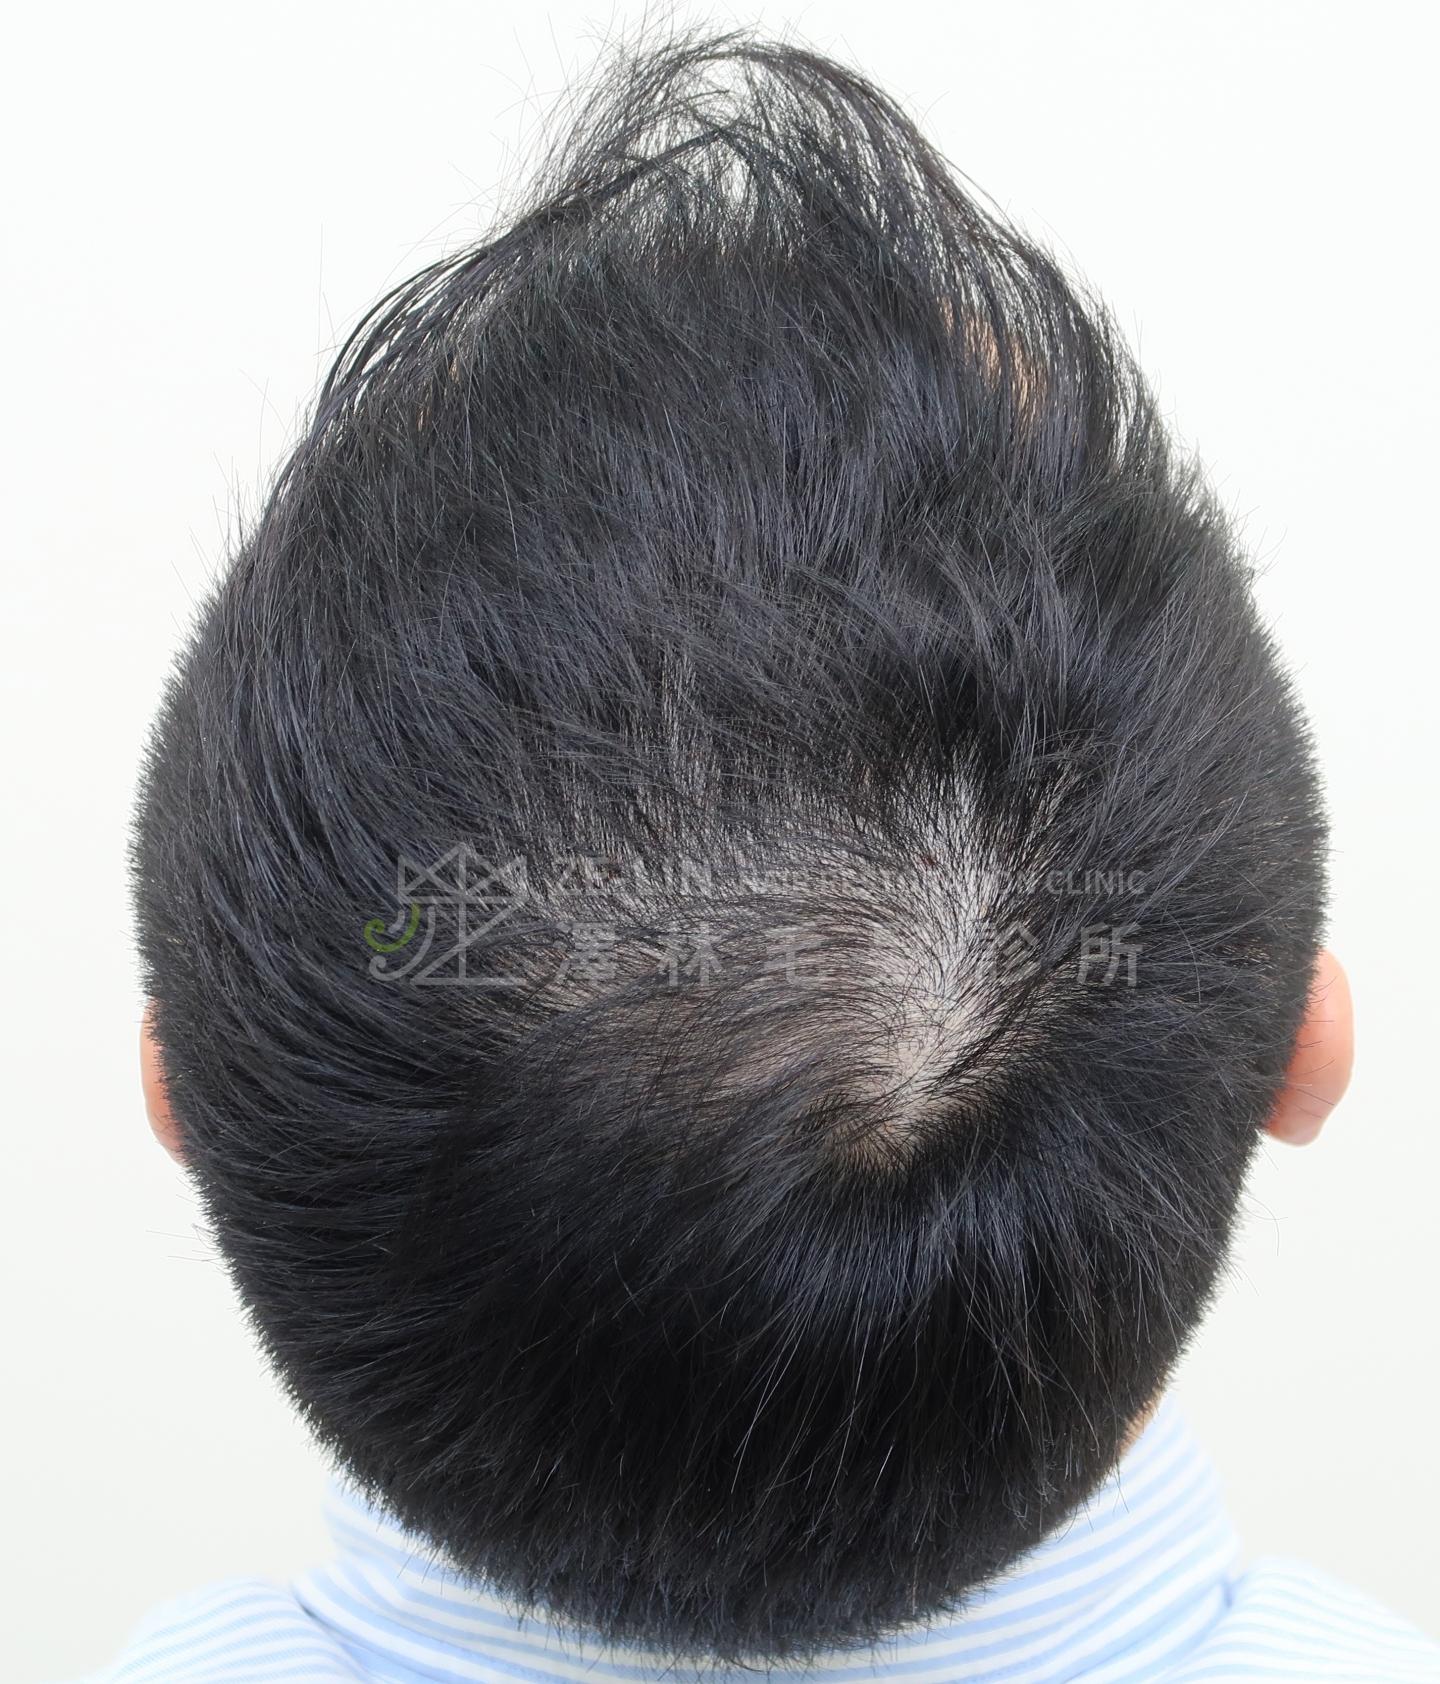 生髮育髮治療PRP自體生長因子注射治療雄性禿頂部及旋前術前2